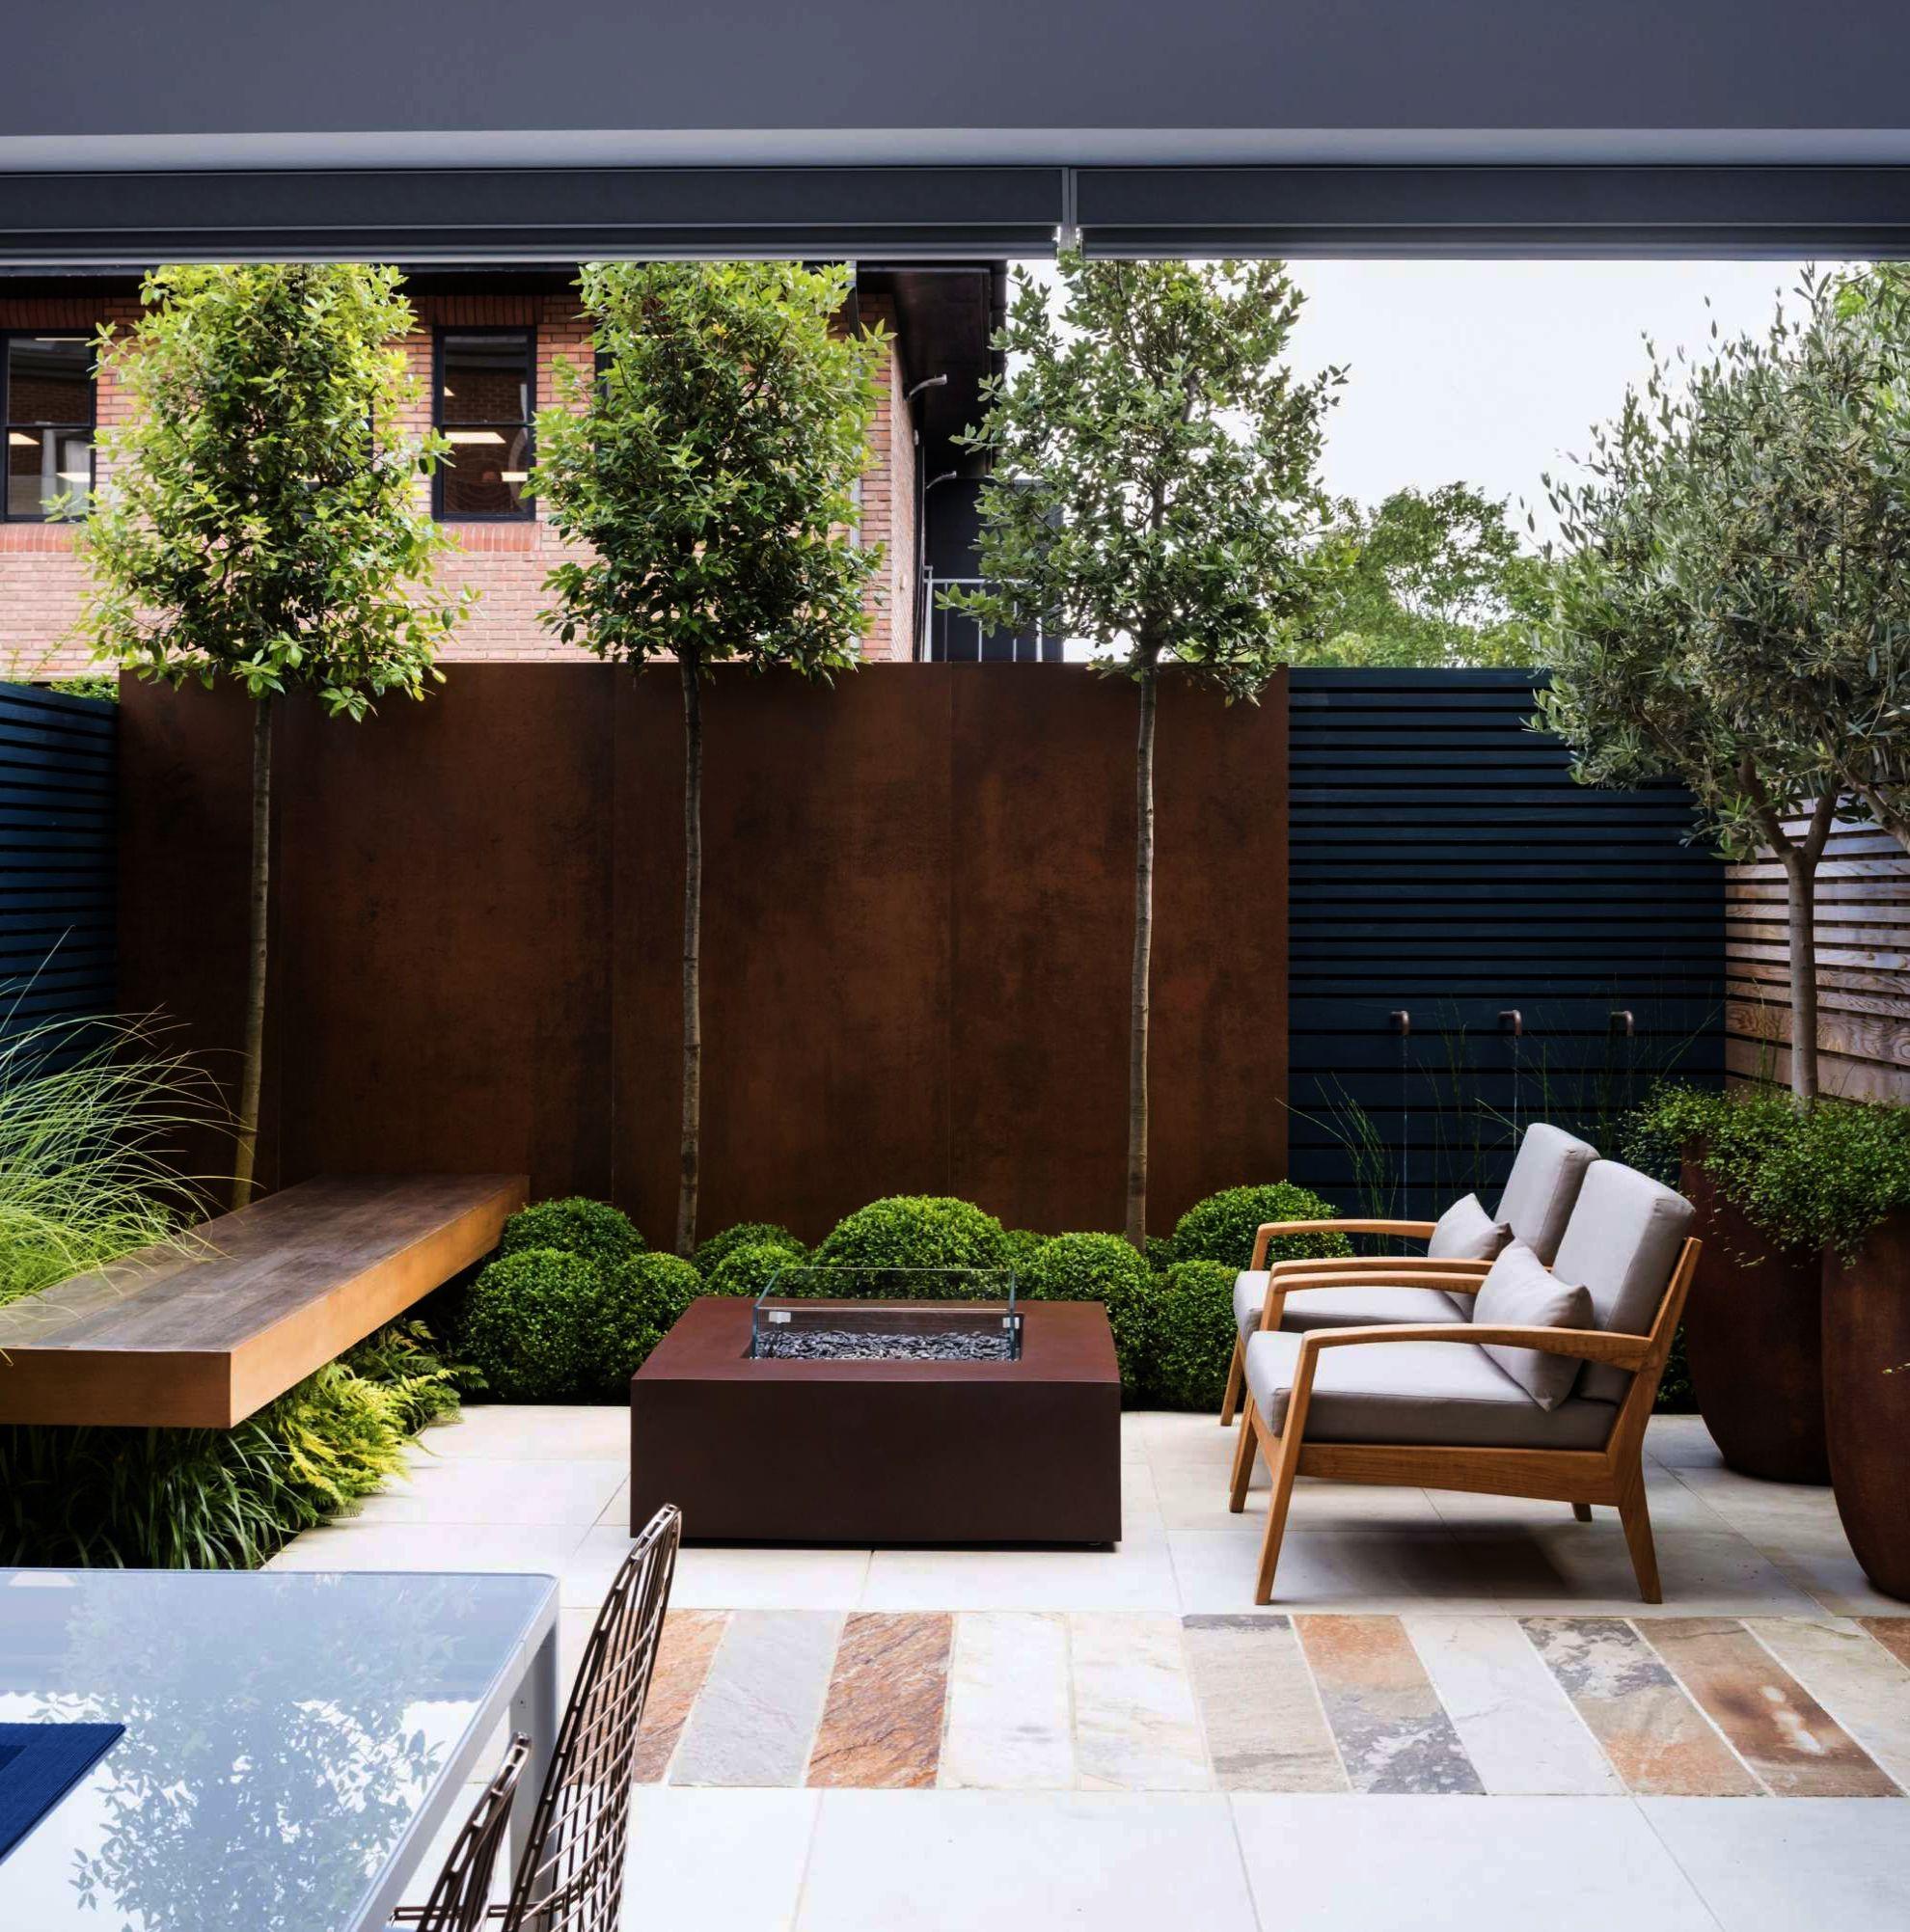 Garden Inspiration Saleprice 16 In 2020 Courtyard Gardens Design Small Courtyard Gardens Home Garden Design